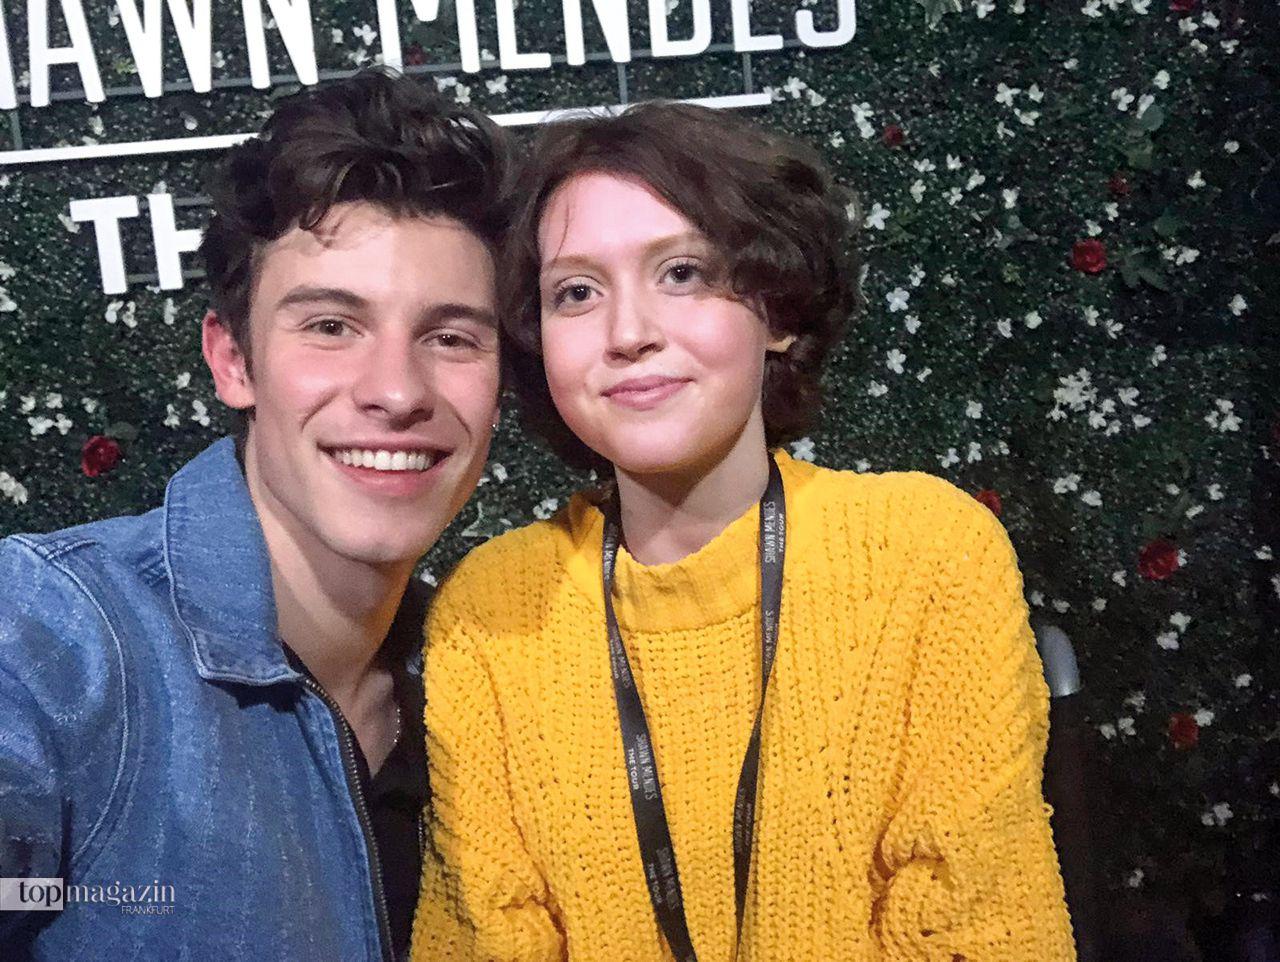 Die 14-jährige Christin ist an einem Osteosarkom erkrankt und wünschte sich ein Treffen mit Shawn Mendes